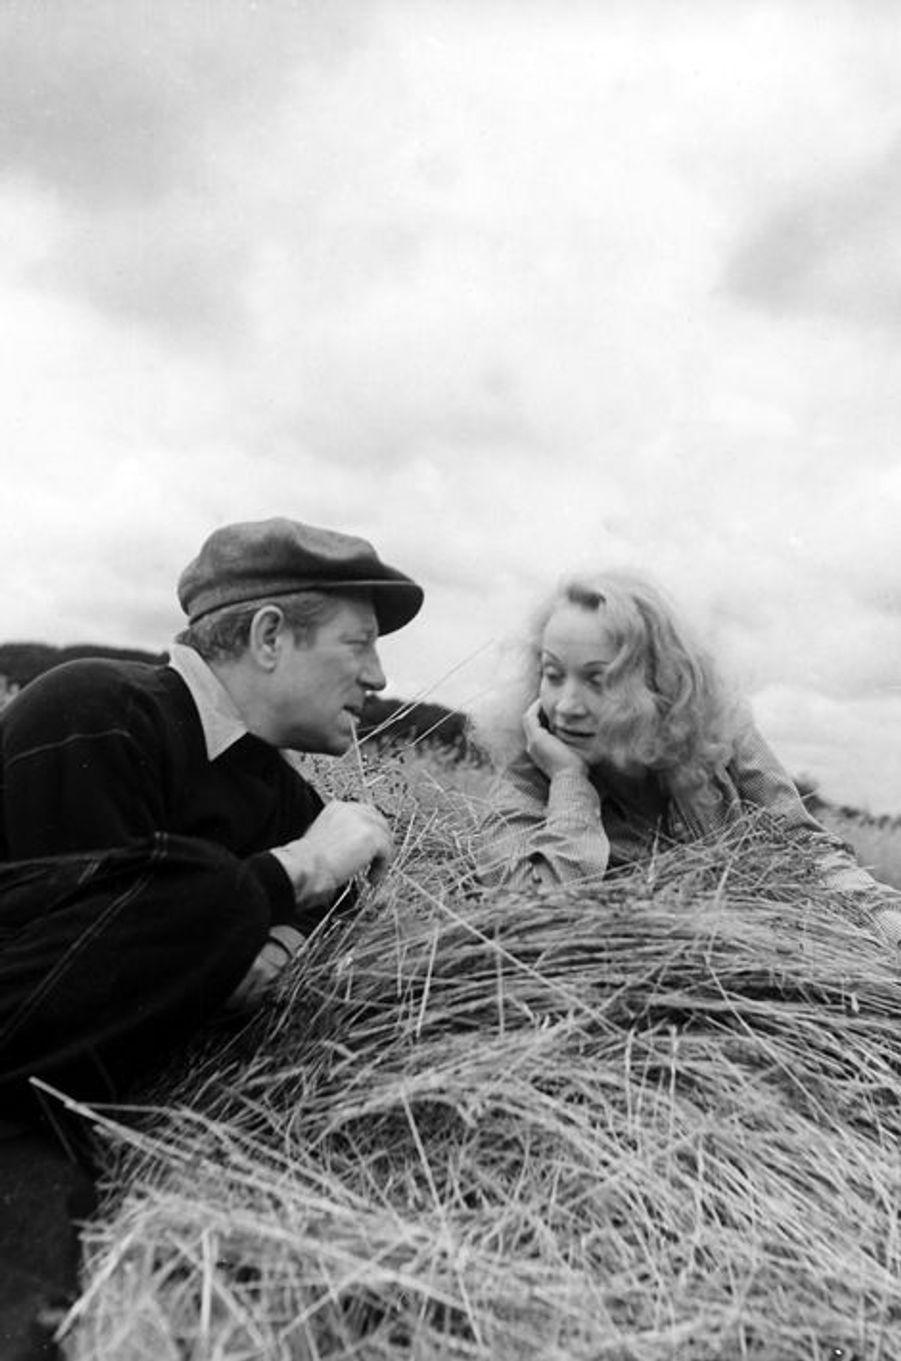 Une histoire d'amour digne d'un roman : alors qu'il fuit un Paris occupé pendant la Seconde Guerre mondiale, Gabin se retrouve à Hollywood en 1941 et rencontre Marlène Dietrich à l'occasion d'un dîner. Elle tombe amoureuse et décide de le suivre lorsqu'il s'engage dans les Forces Françaises Libres deux ans plus tard en chantant pour divertir les soldats. Une fois la guerre finie, l'acteur décide de rompre, laissant un Ange Bleu le cœur brisé.